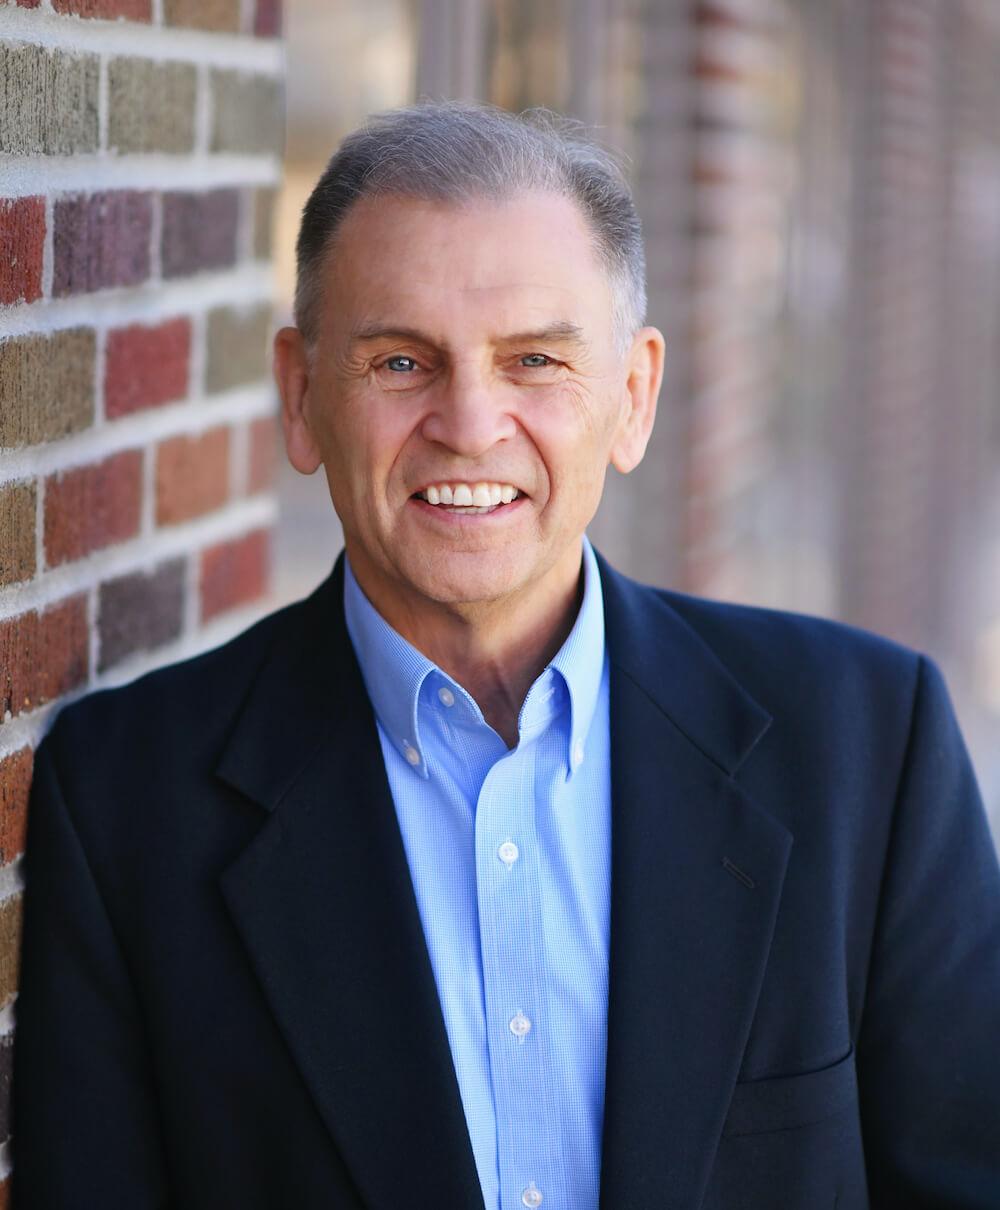 Gary Weihs